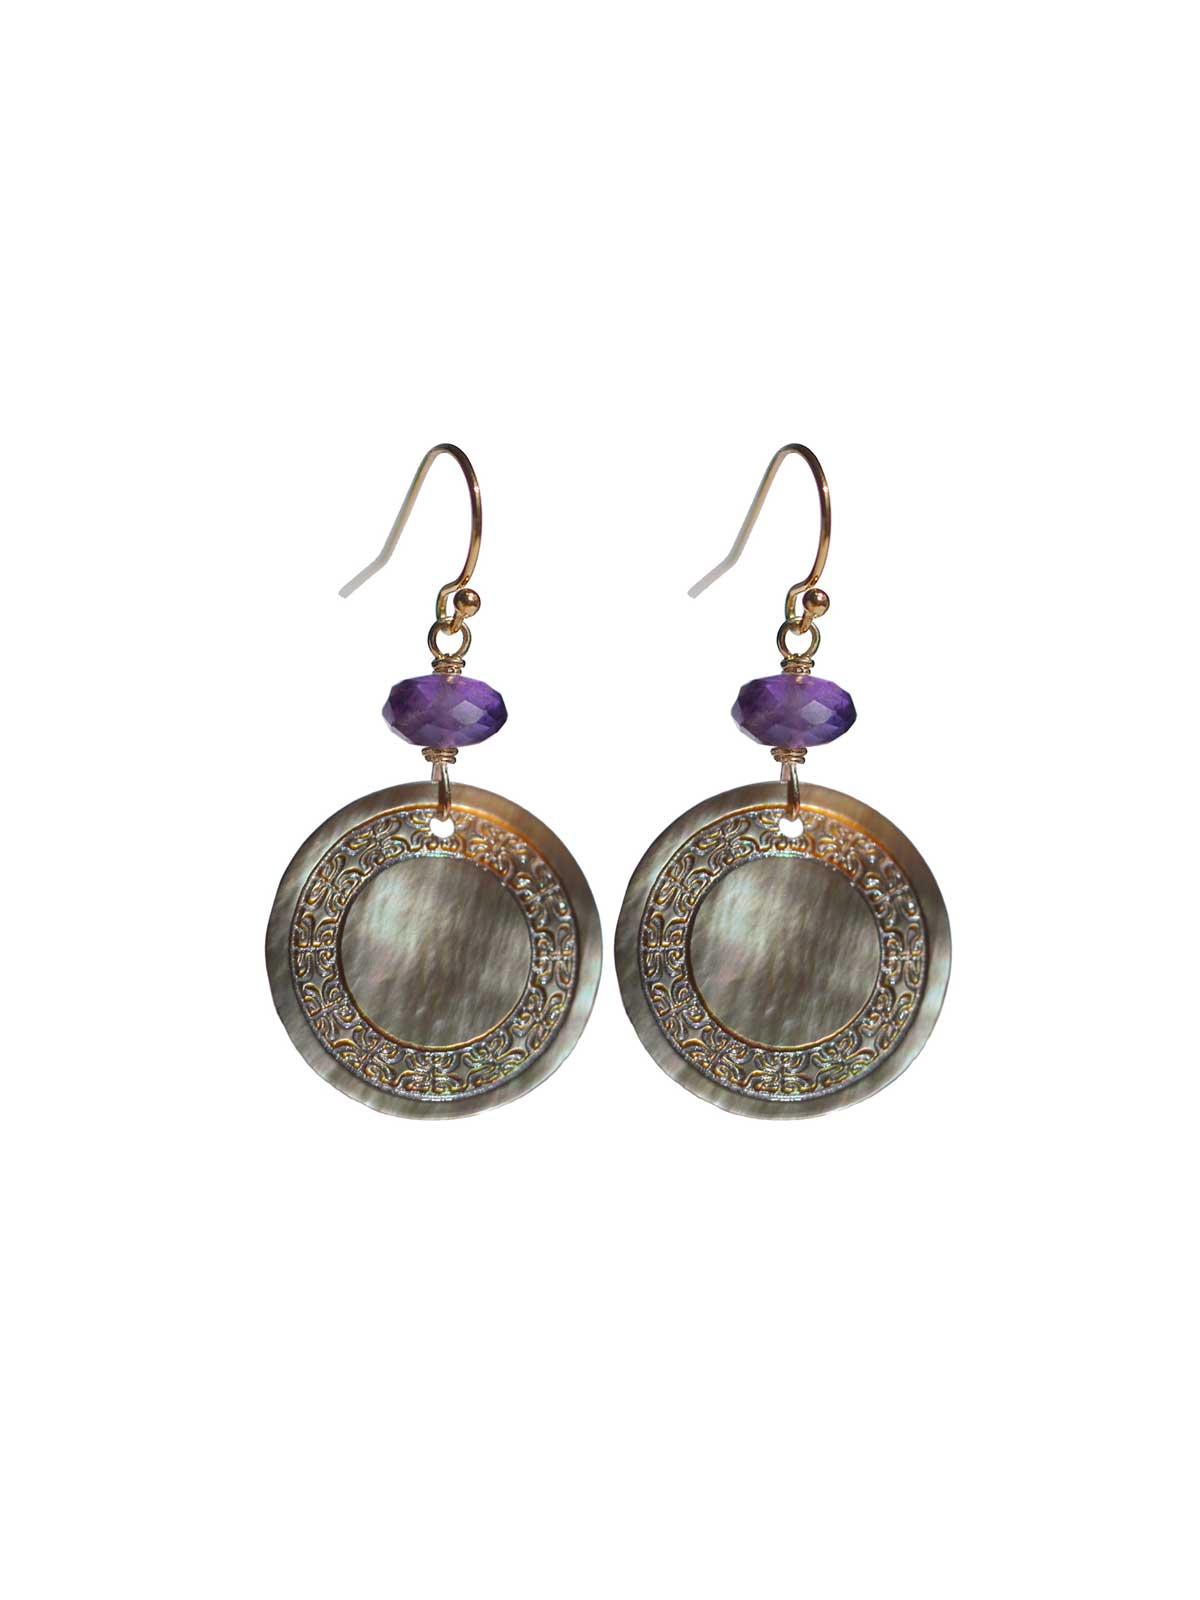 Earrings 14K Gold-filled Mother-of-pearl of Tahiti dark Amethyst